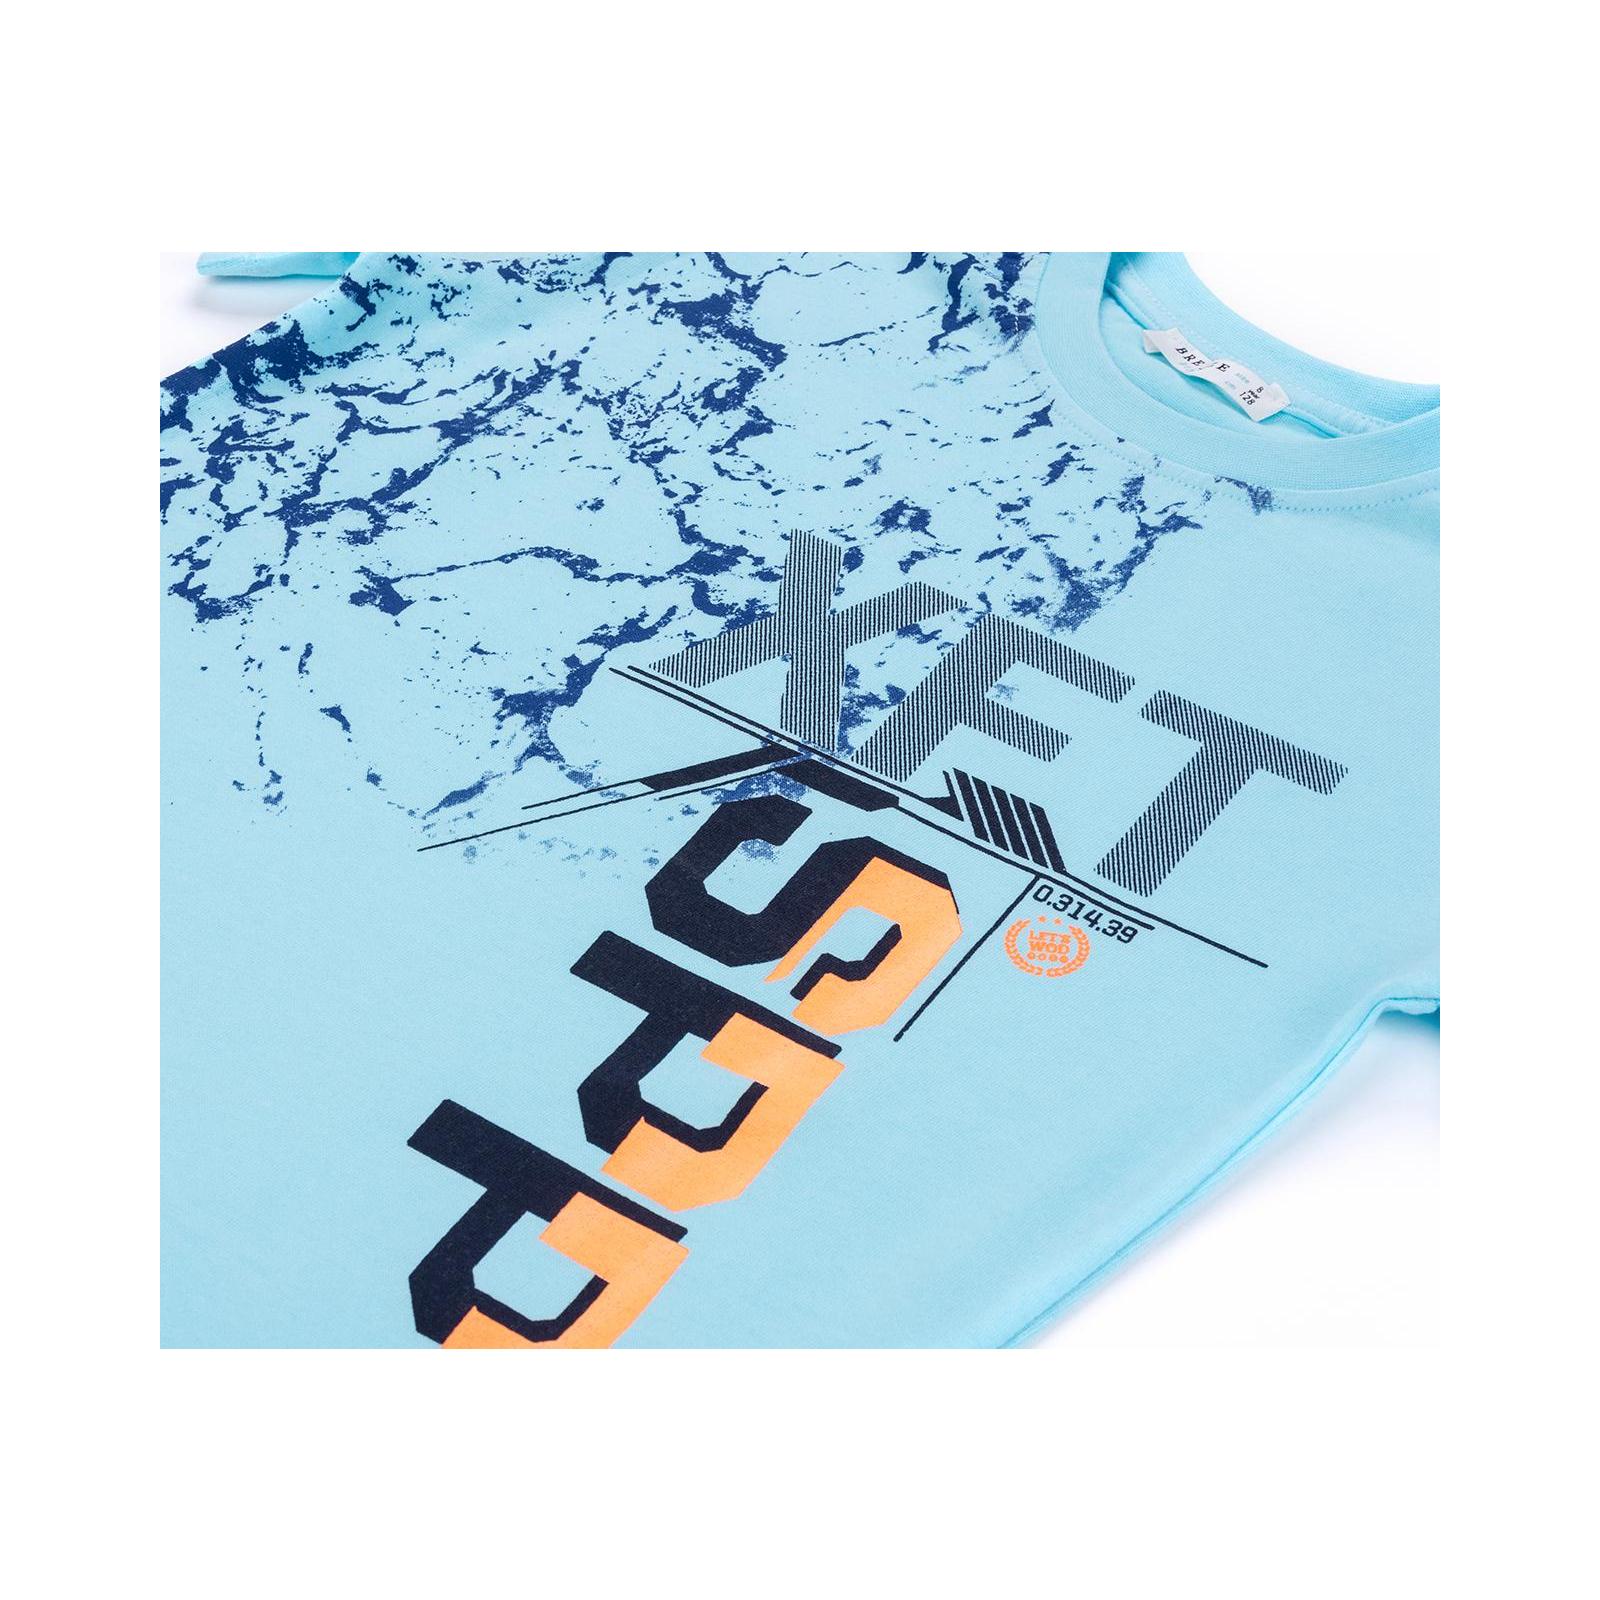 """Футболка детская Breeze с шортами """"XFT"""" (10925-146B-blue) изображение 9"""